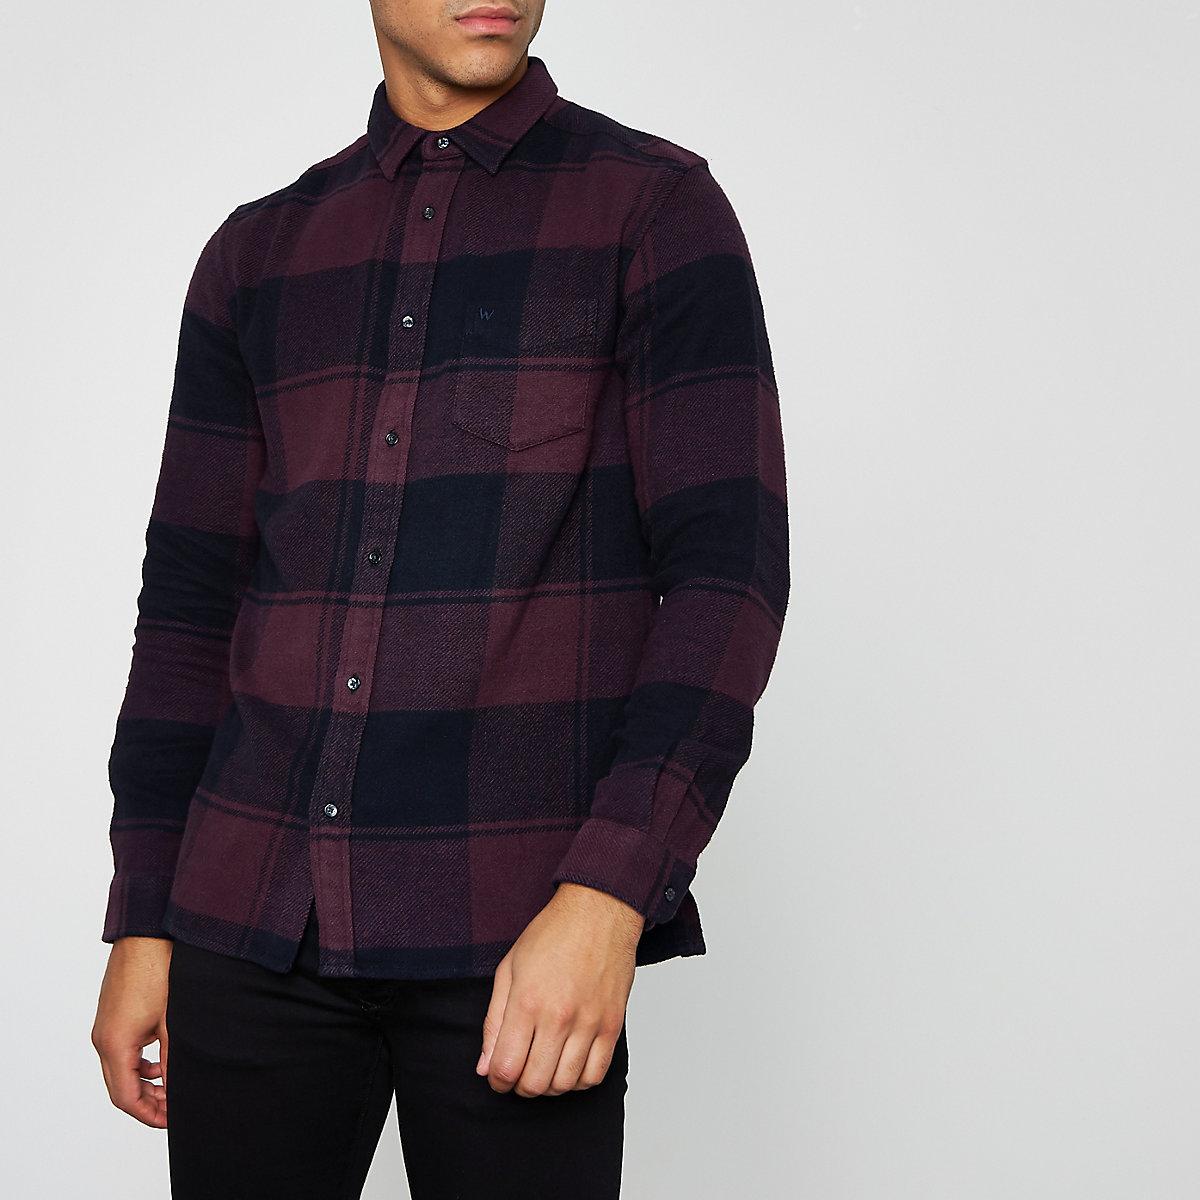 Wrangler burgundy long sleeve check shirt